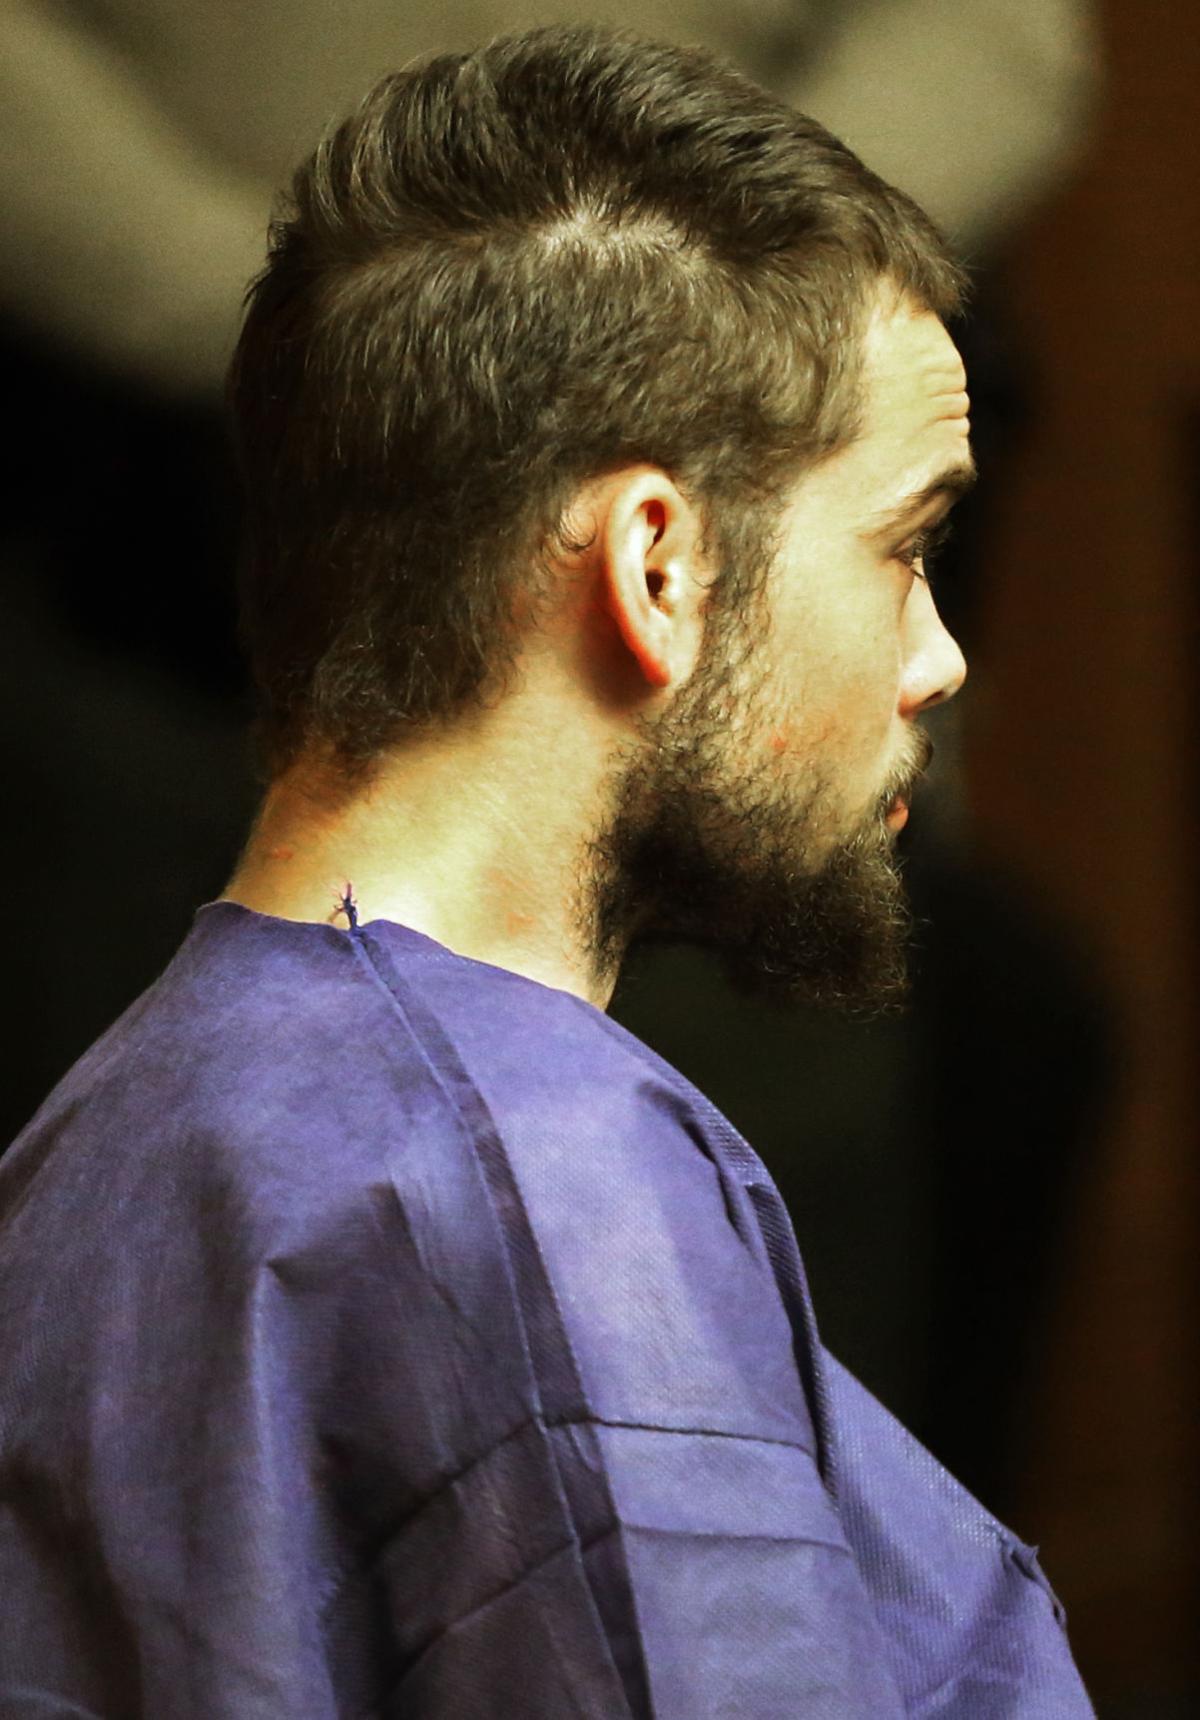 Daniel McKie arraignment